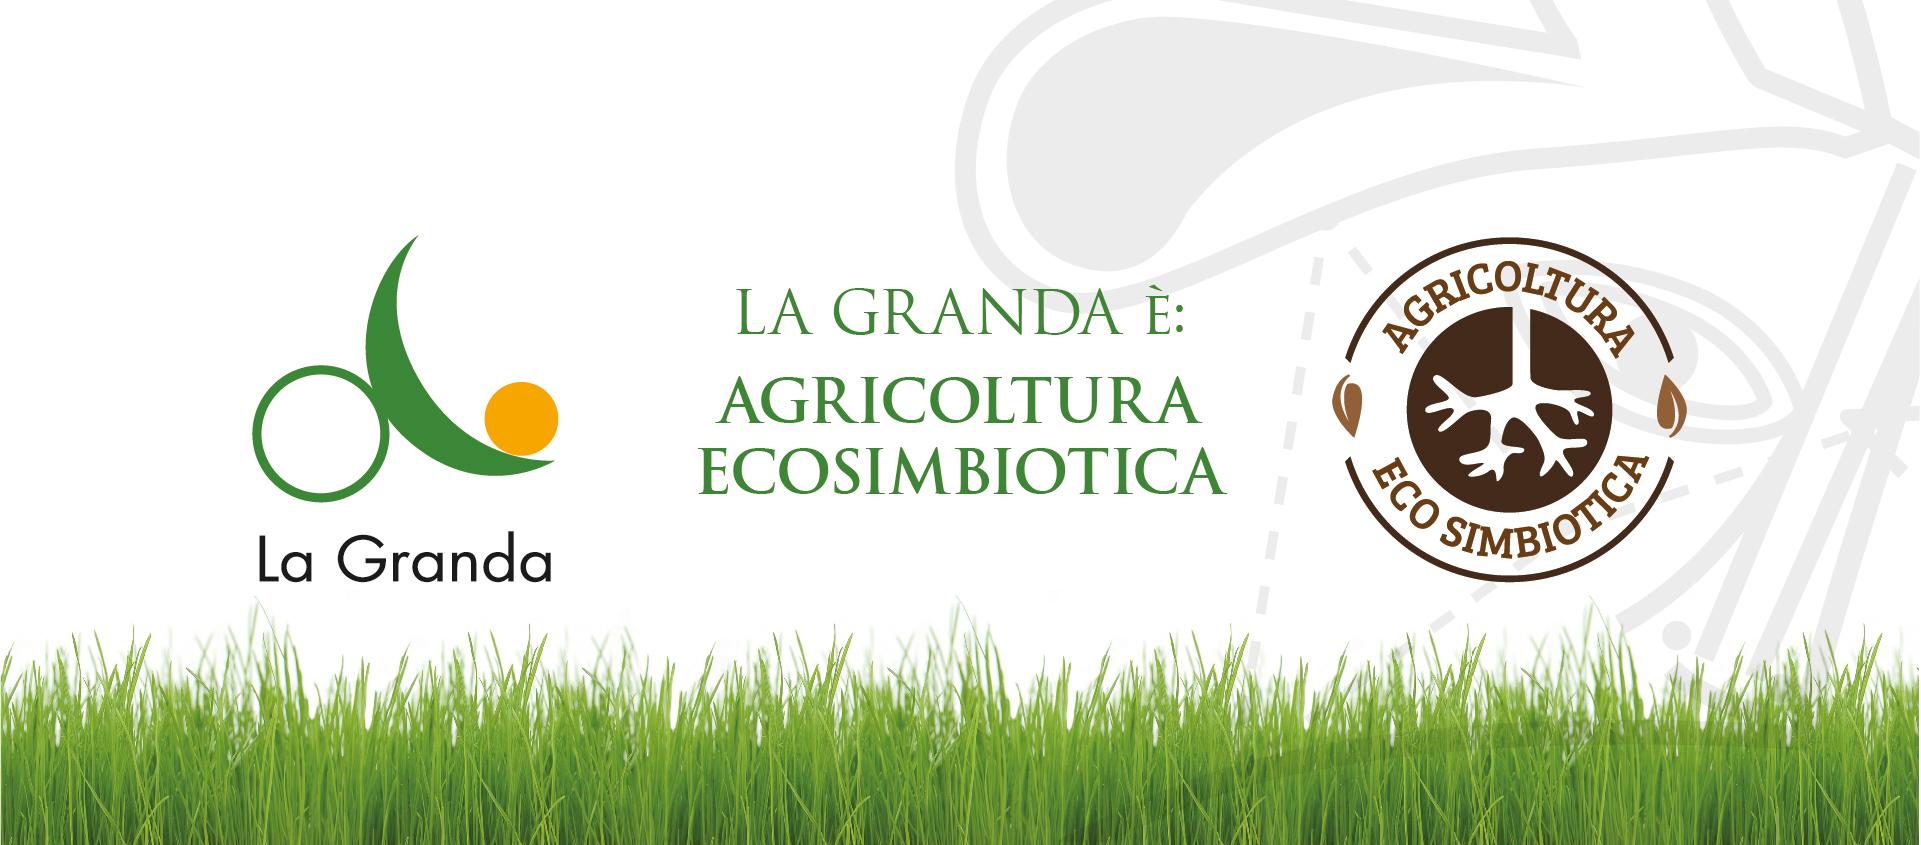 La Granda è Agricoltura Ecosimbiotica